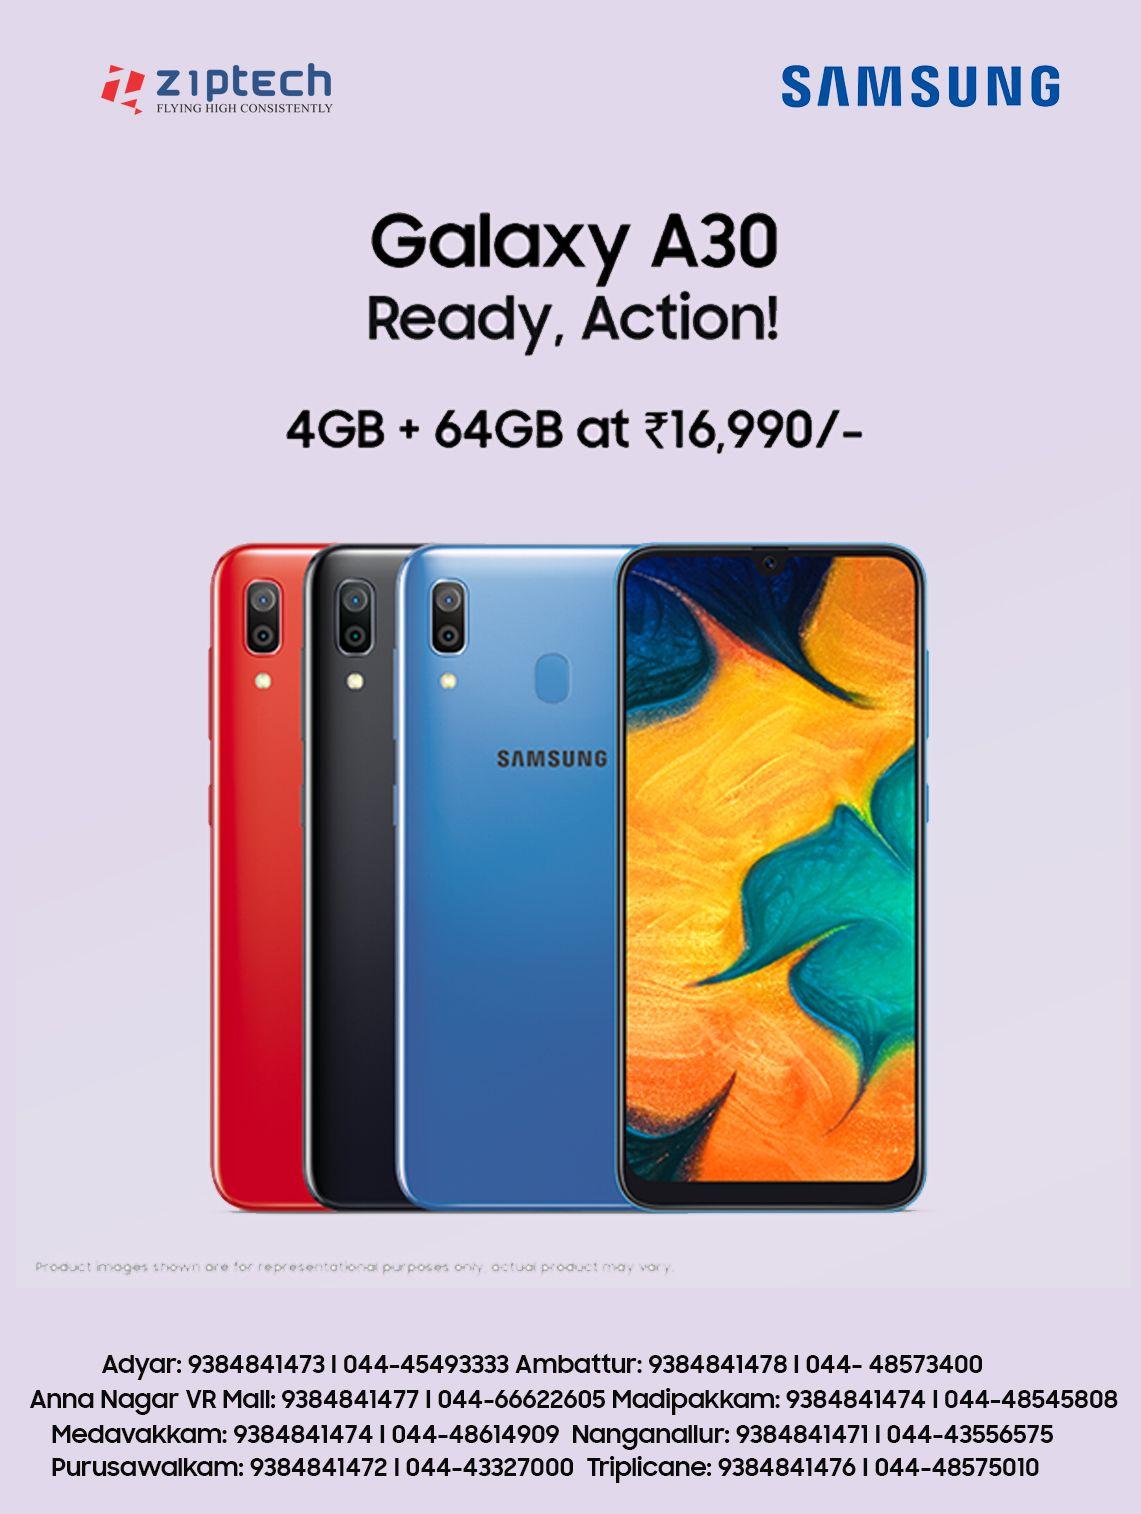 Buy Samsung Galaxy A30 (4GB + 64GB) with super AMOLED display